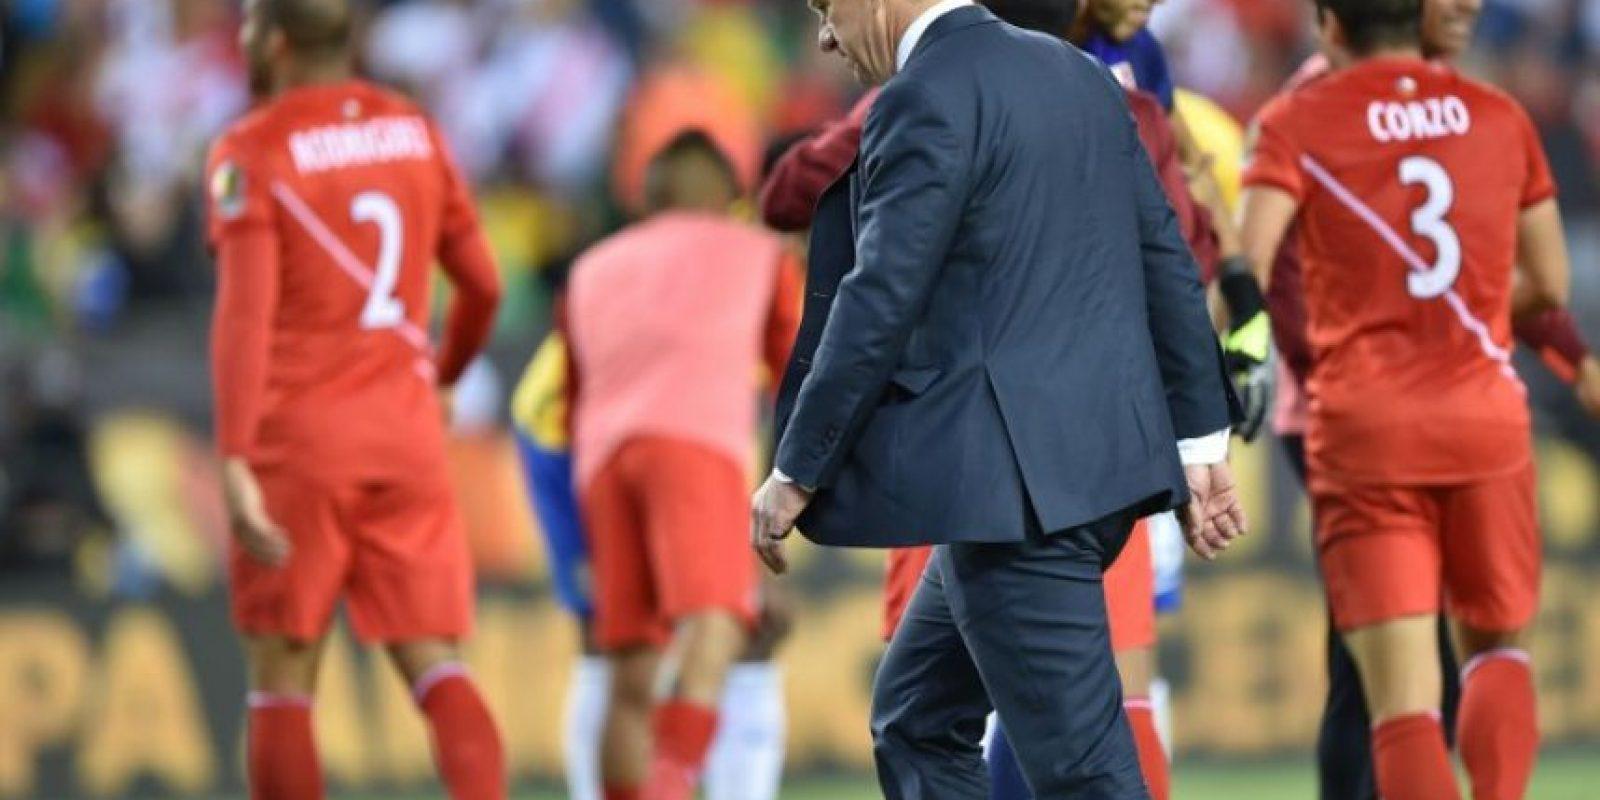 El karma le devolvió la trampa que realizaron en 1995, cuando Tulio convirtió con la mano y dejó fuera de cuartos de final a Argentina. Dunga jugaba en aquella selección Foto:AFP